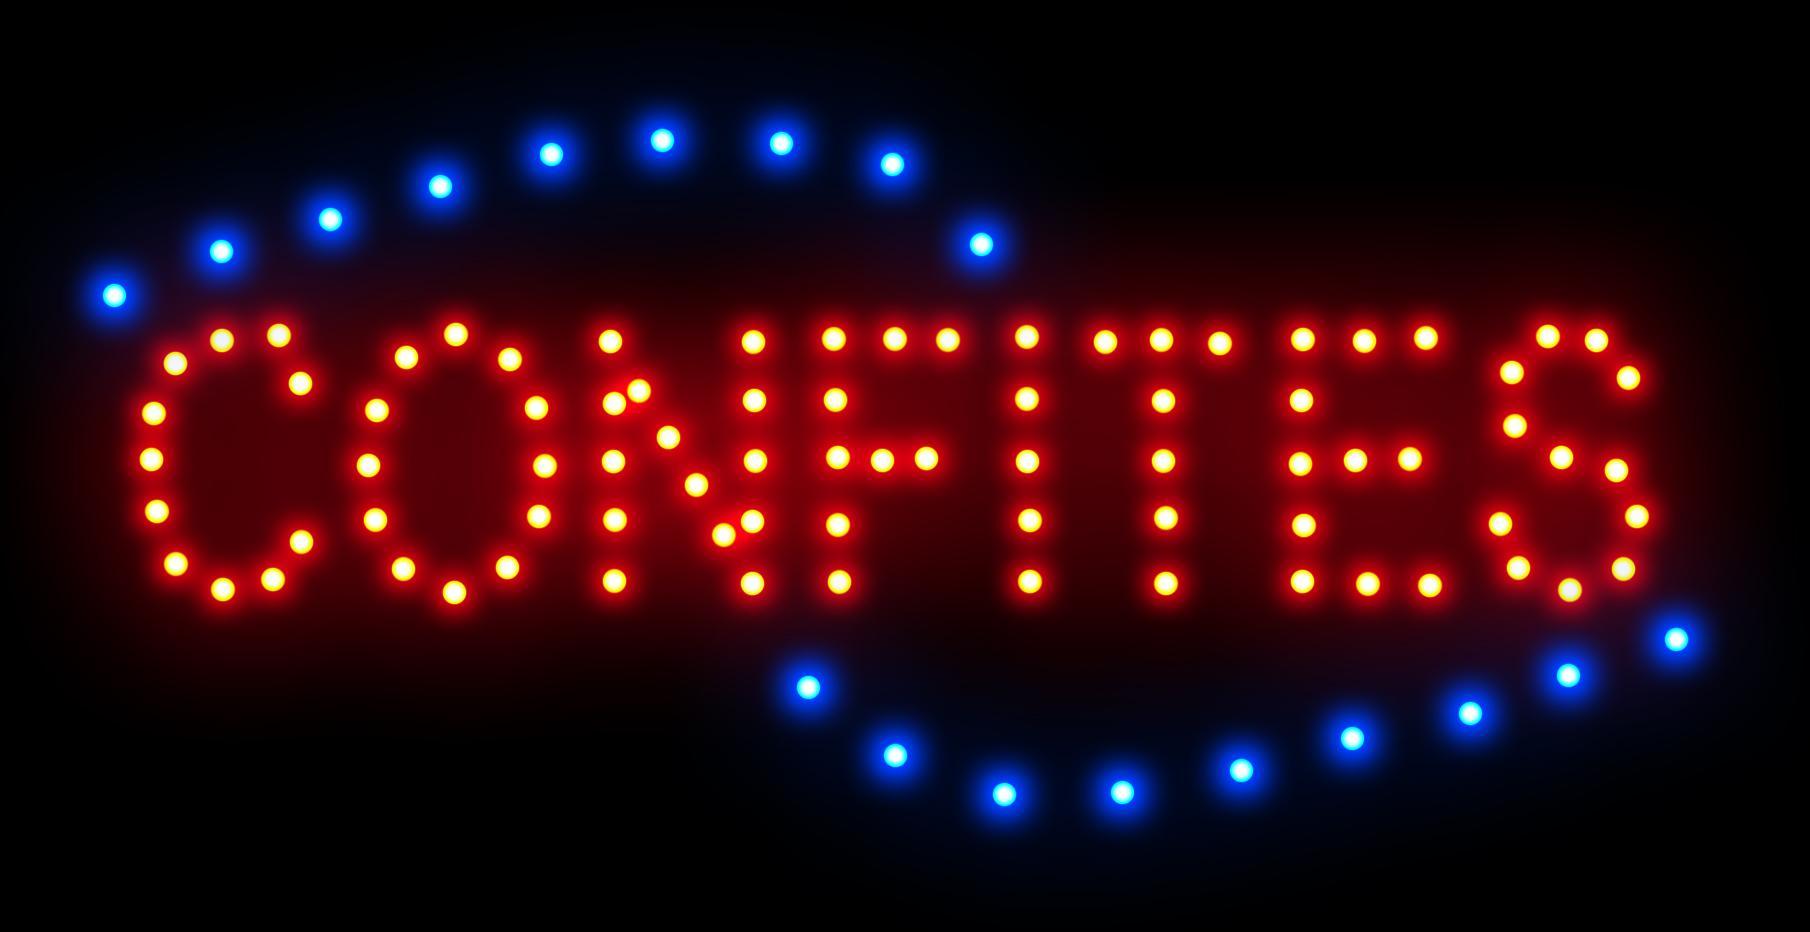 Ultra Bright LED Neon Light Animated CONFITES signe des slogans accrocheurs taille semi-extérieure 48cm * 25cm Livraison gratuite